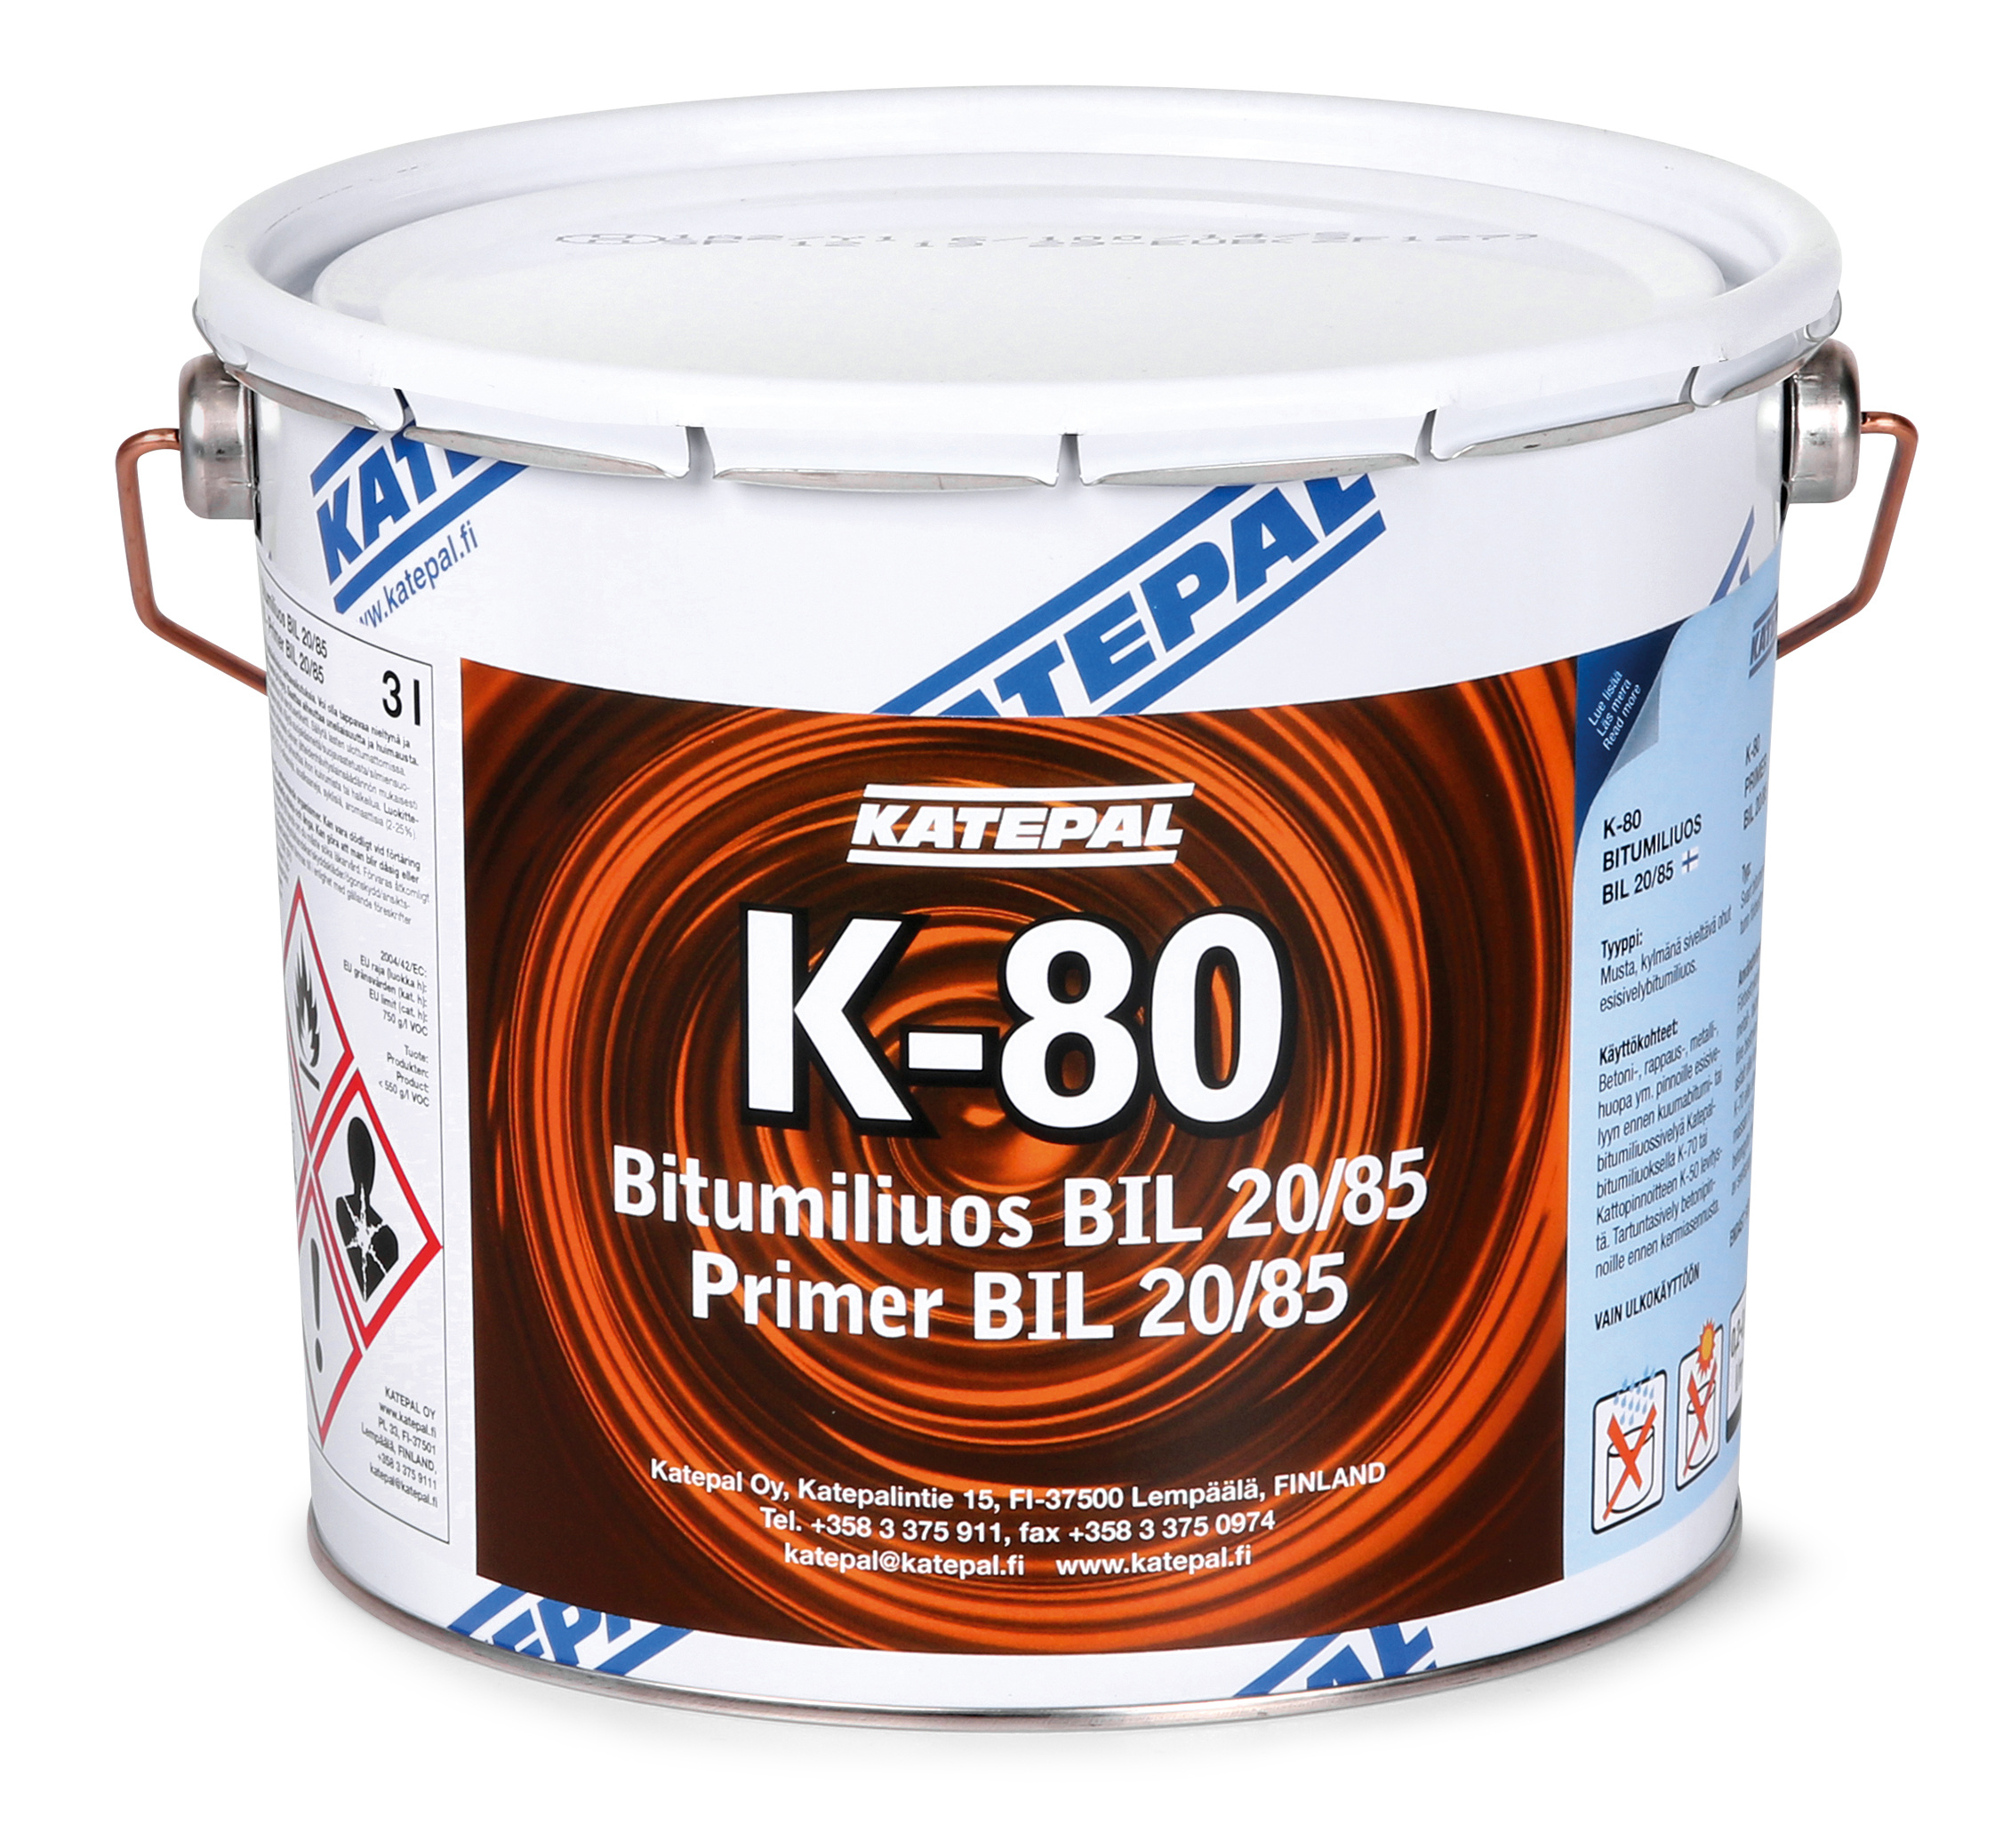 K-80 Bitumiliuos